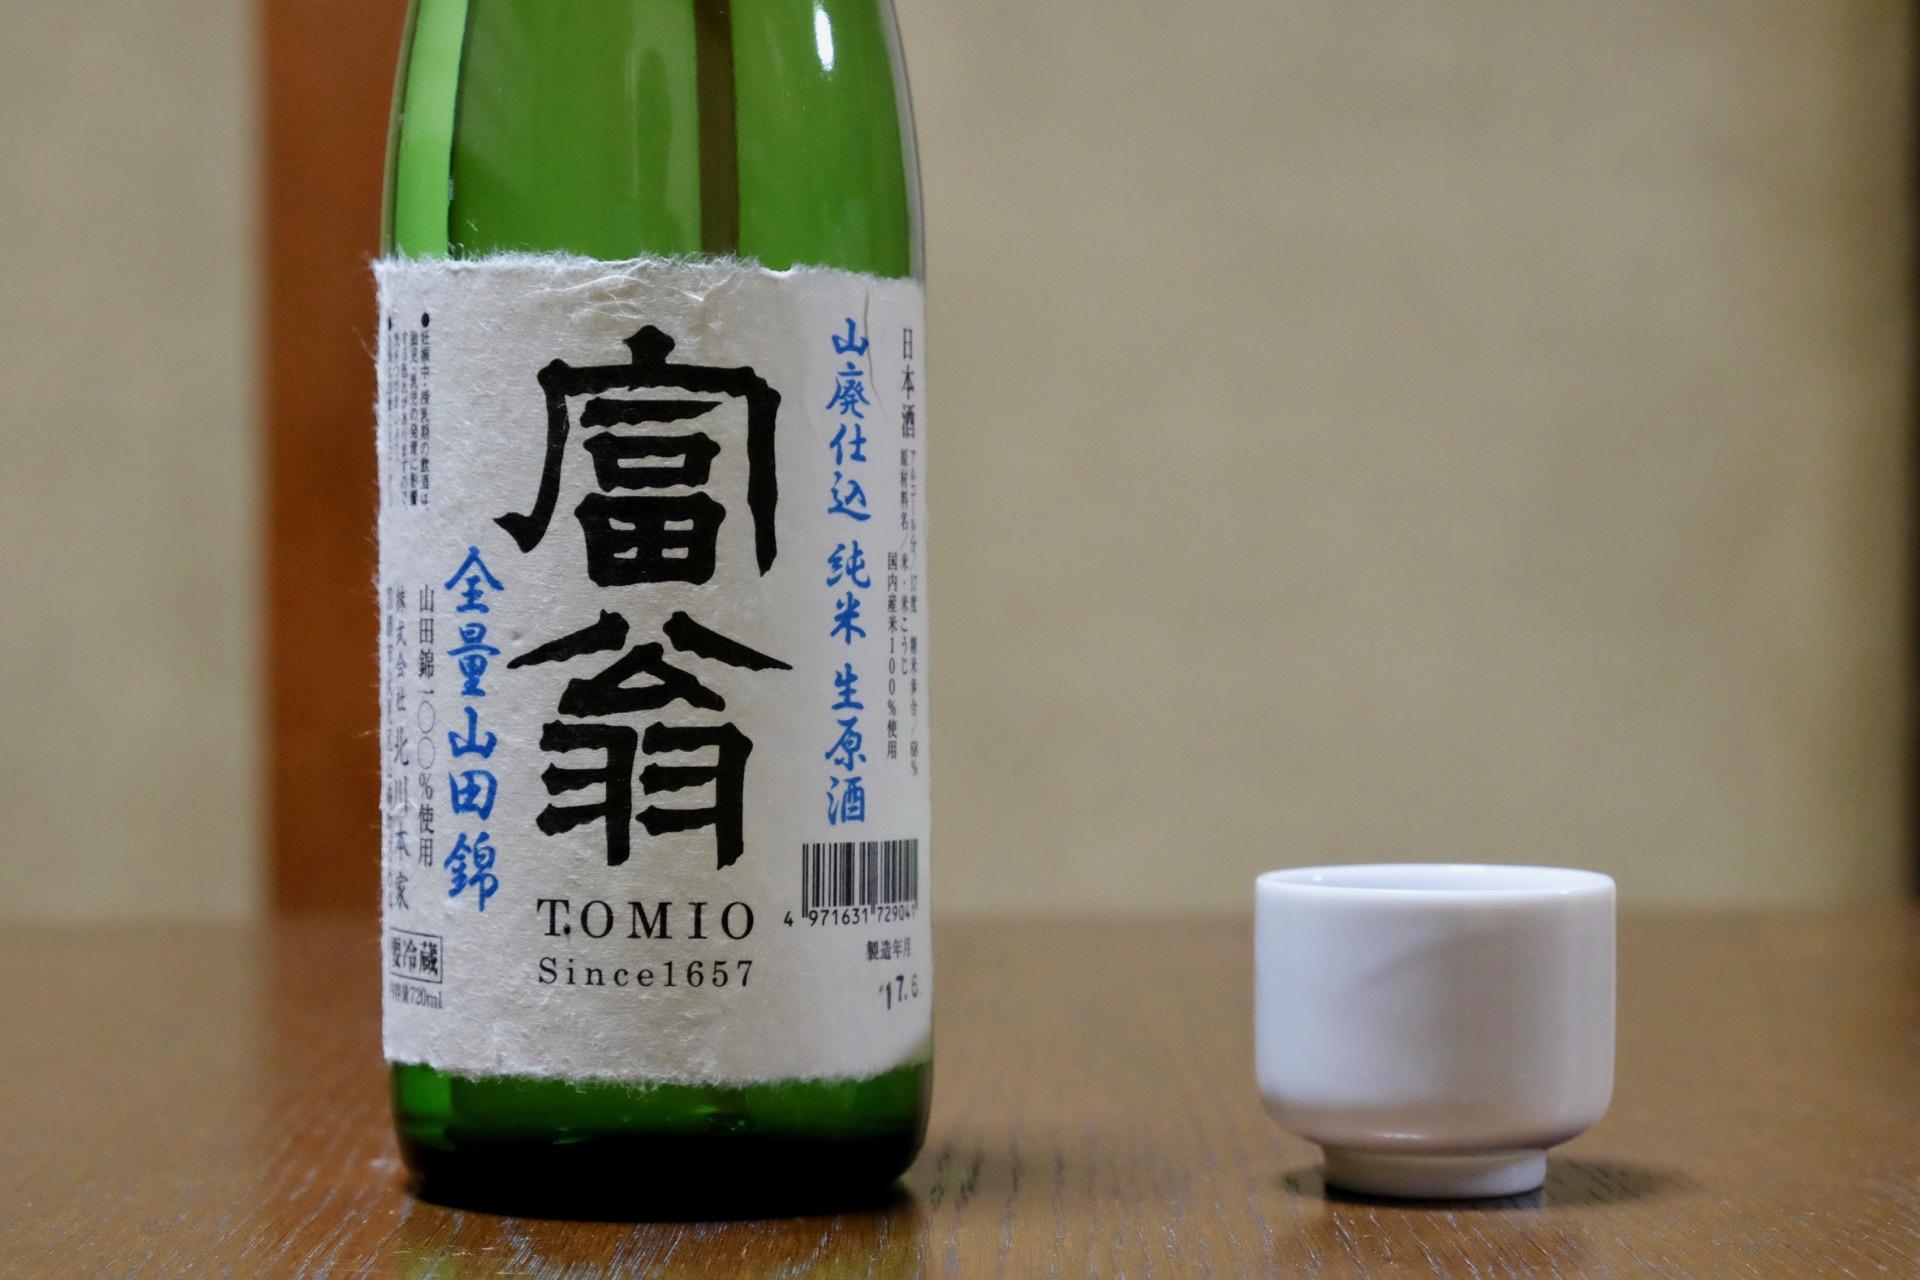 富翁 山廃仕込み 純米 生原酒|日本酒テイスティングノート